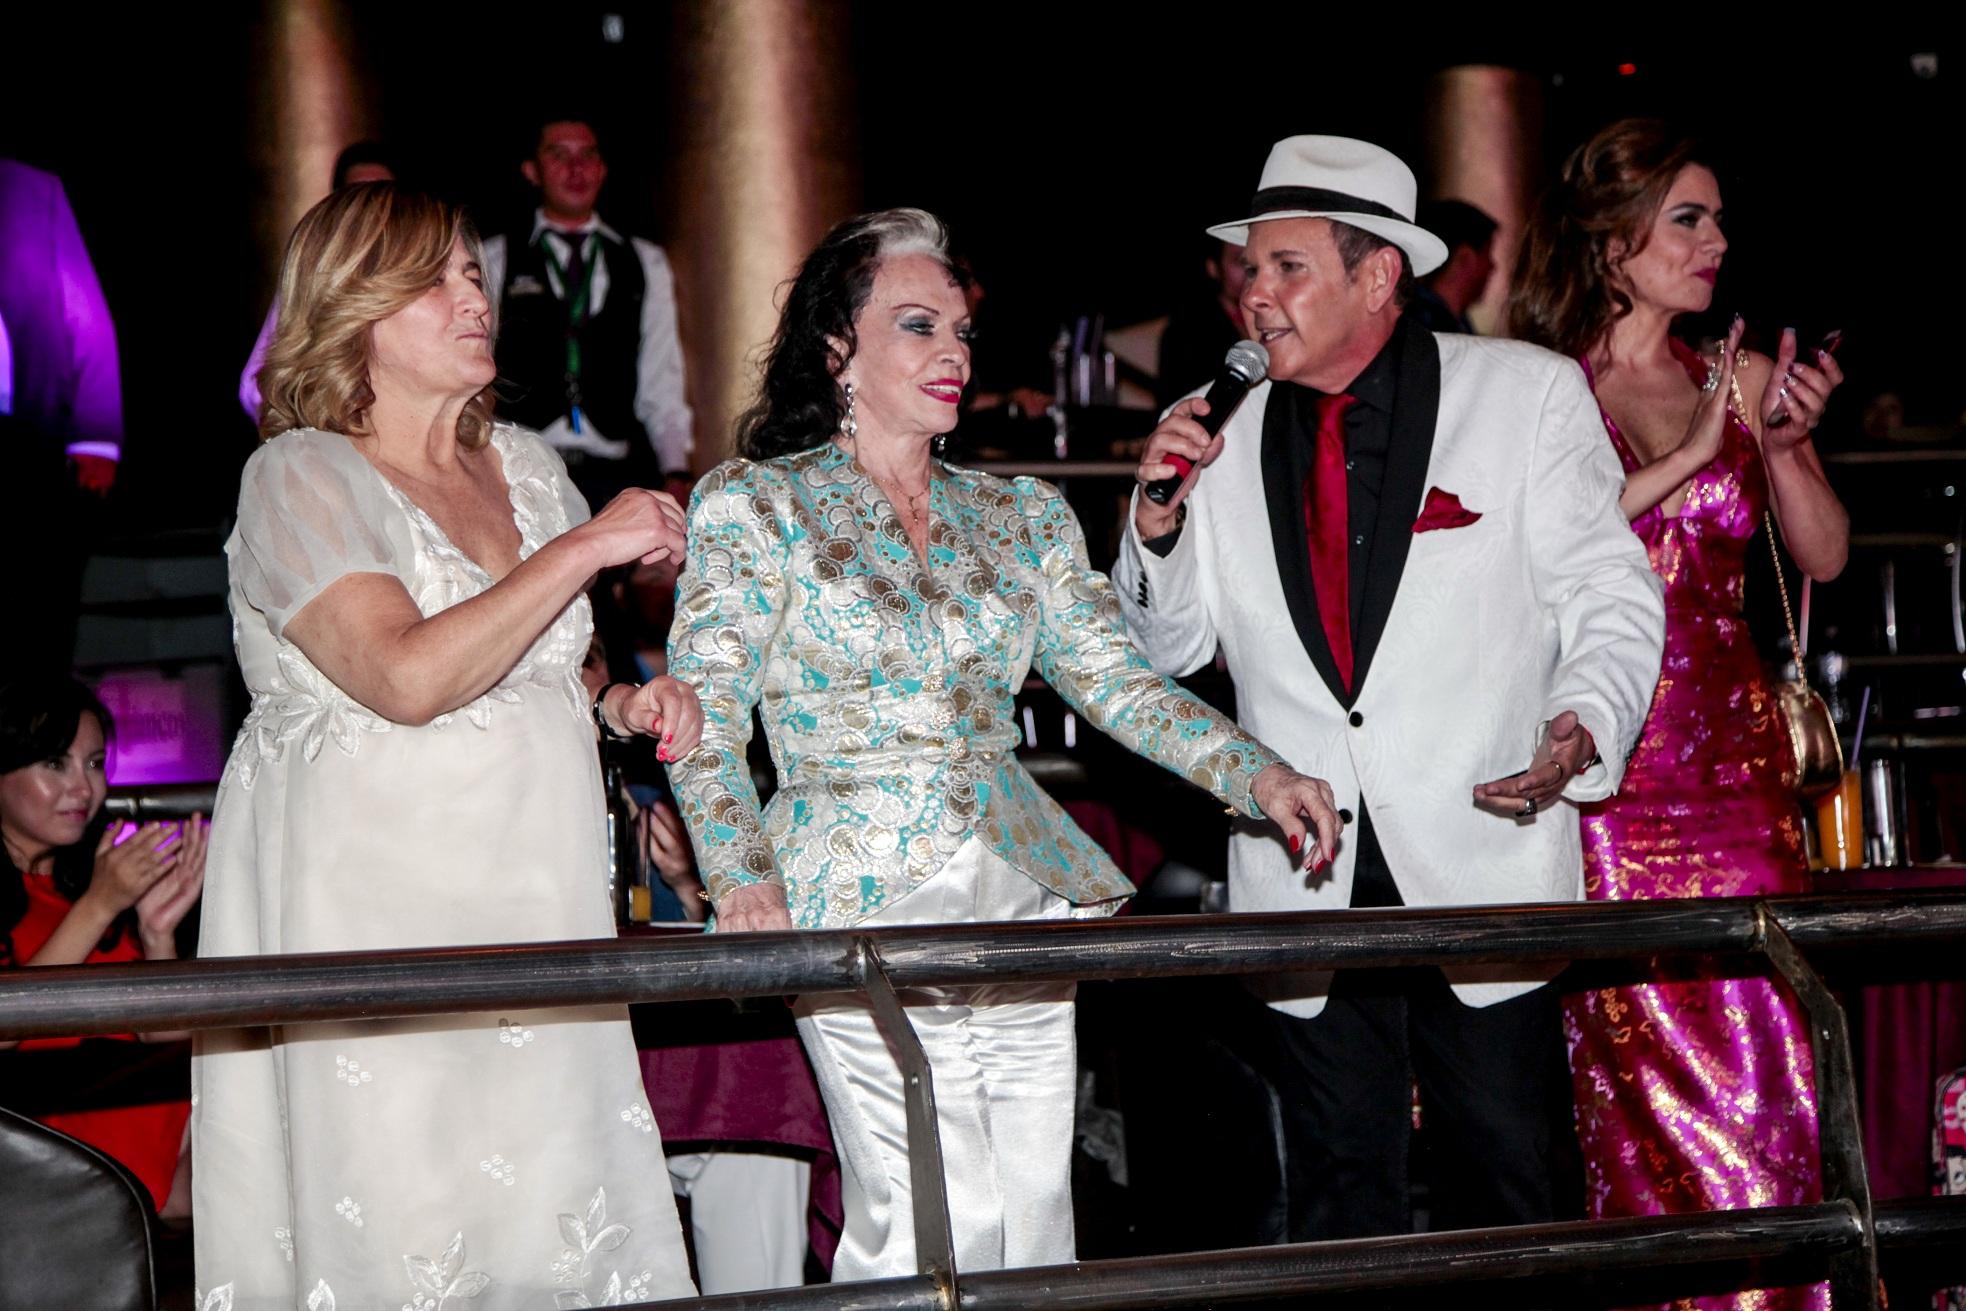 Margarita de la Madrid, Yolanda Montes Tongolele y Franco